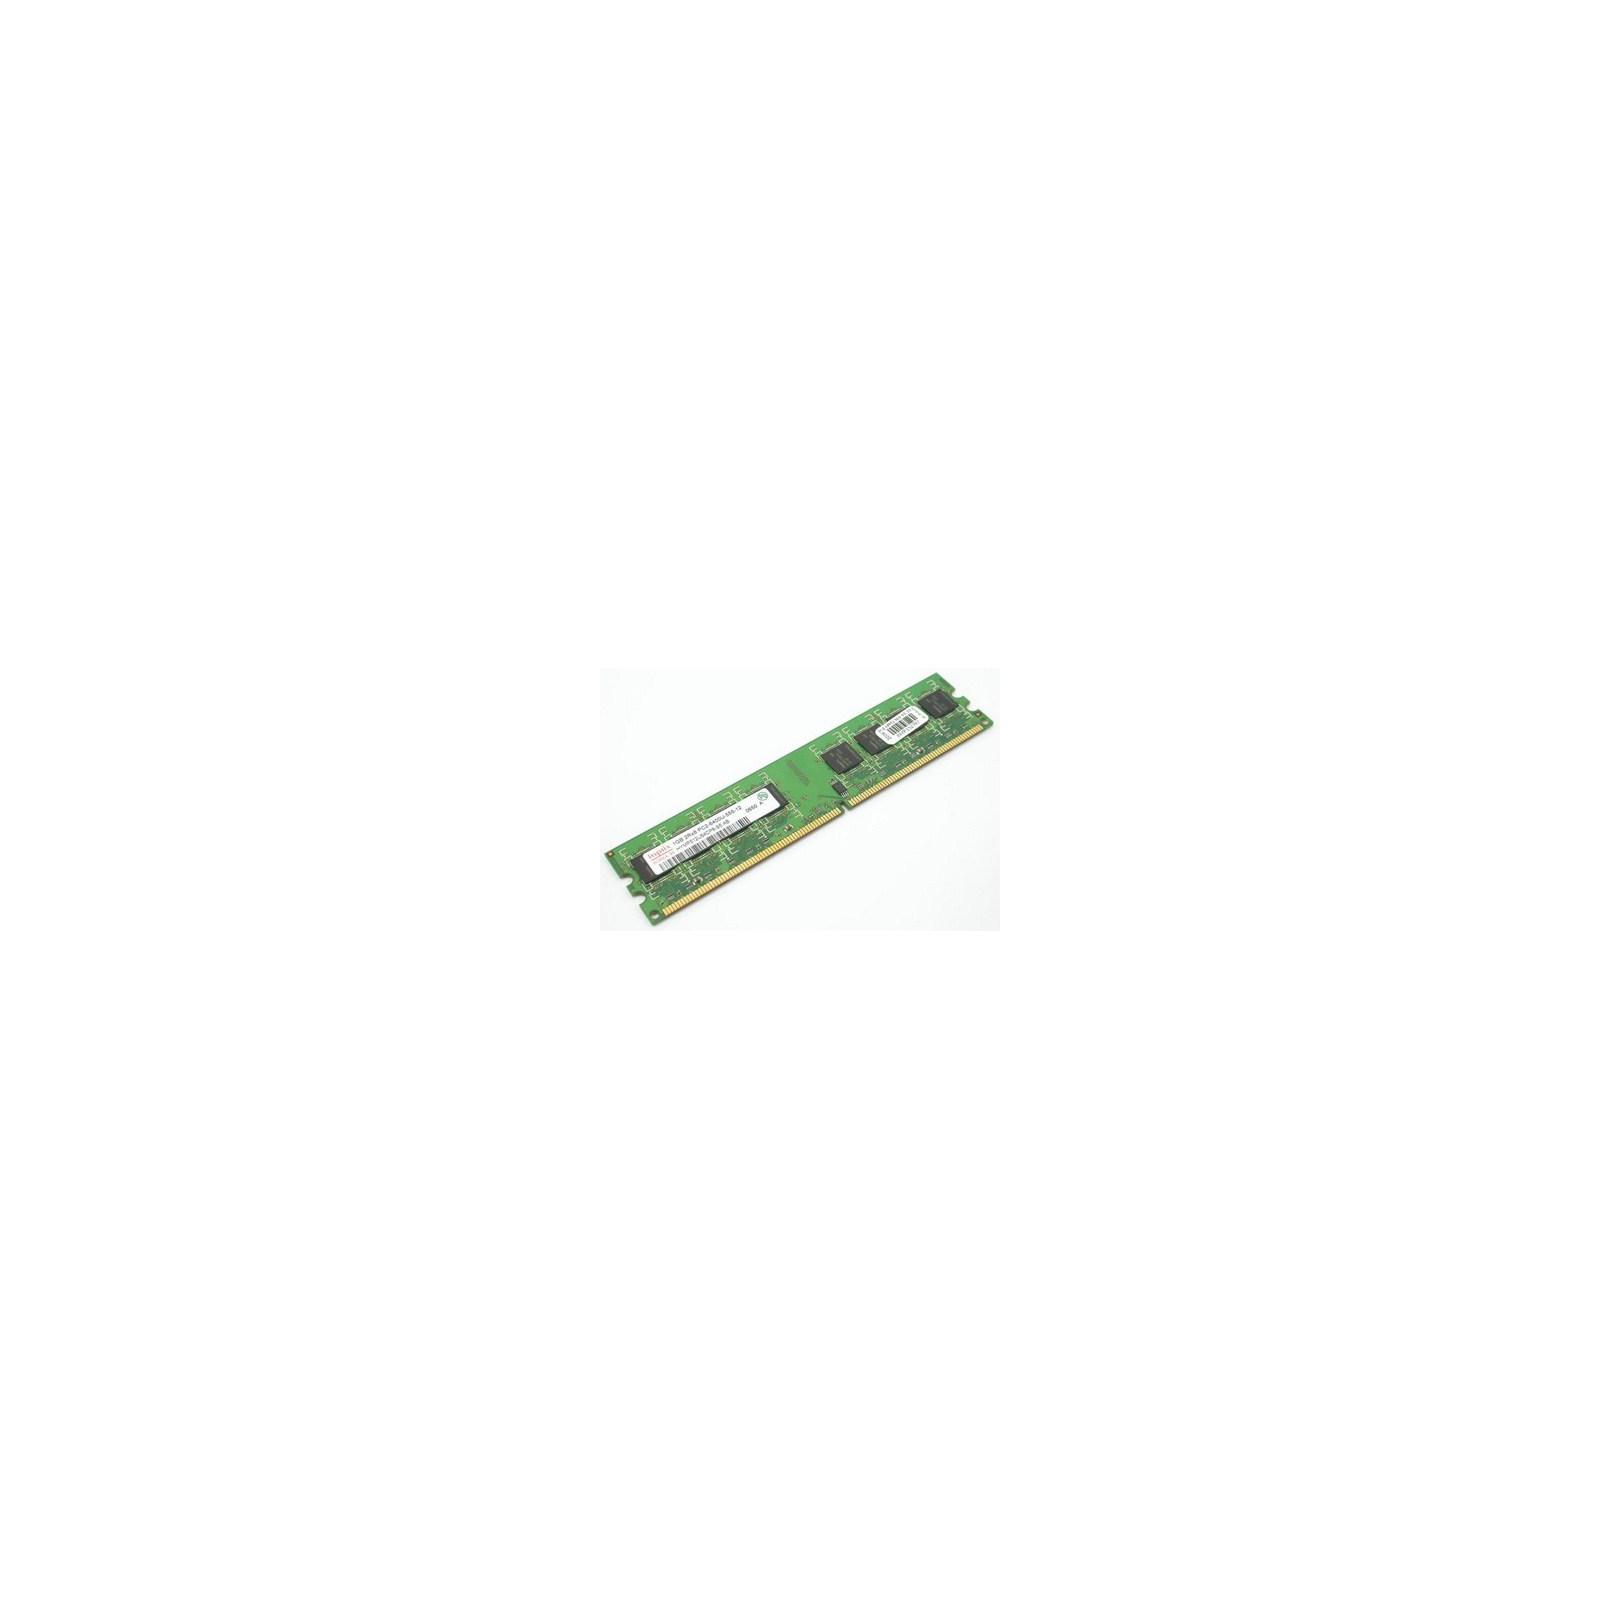 Модуль памяти для компьютера DDR2 4GB 667 MHz Hynix (HMP351U6AFR8C-Y5)